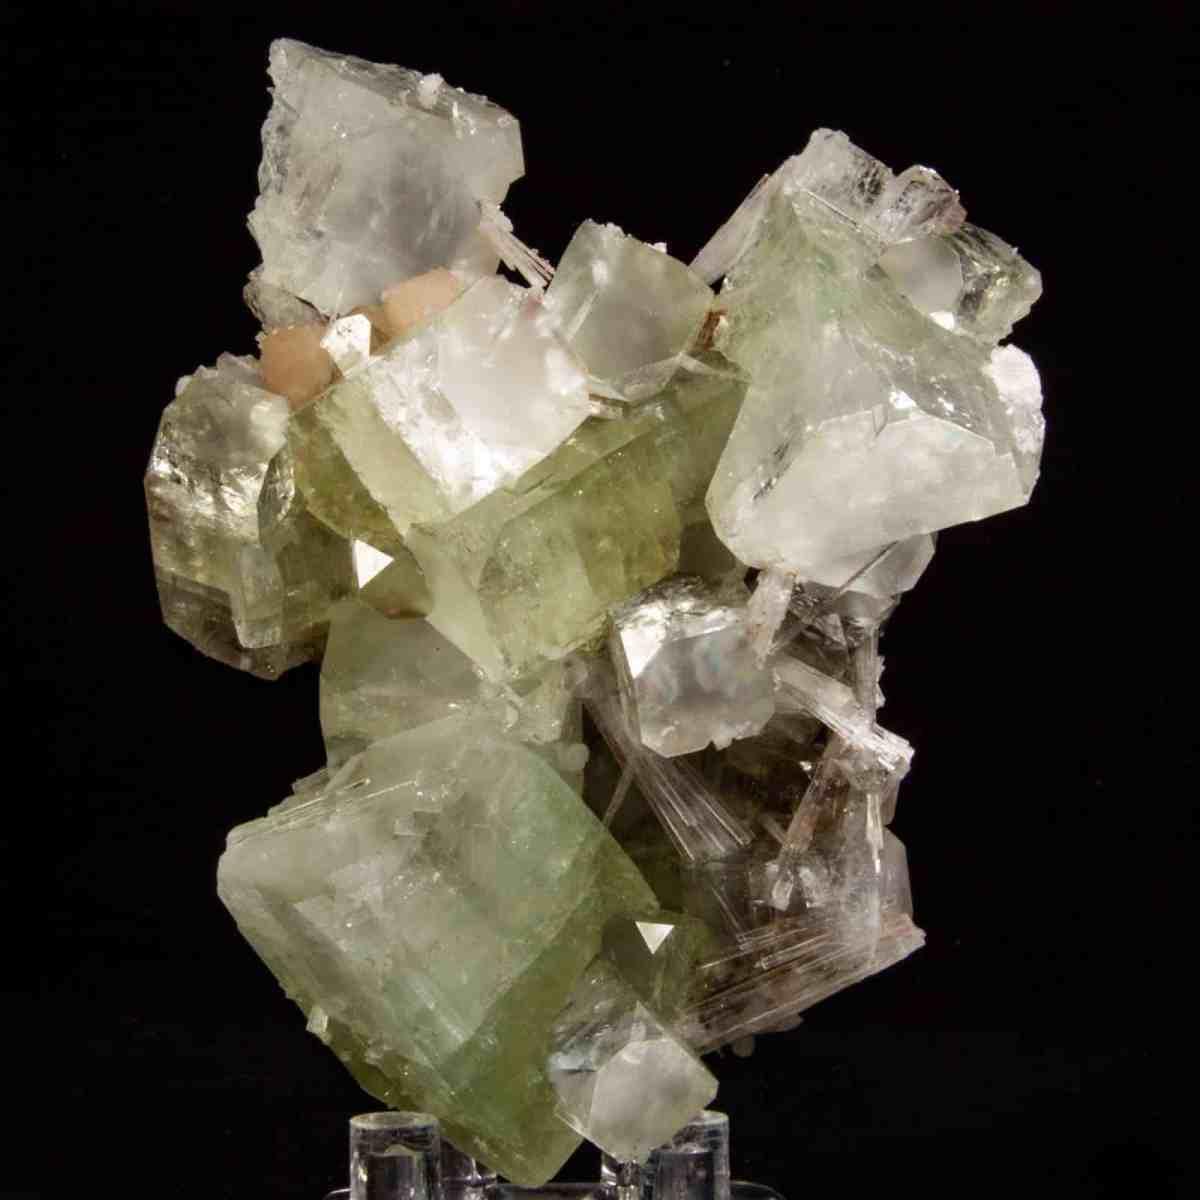 Apophyllite, Scolecite, and Stilbite